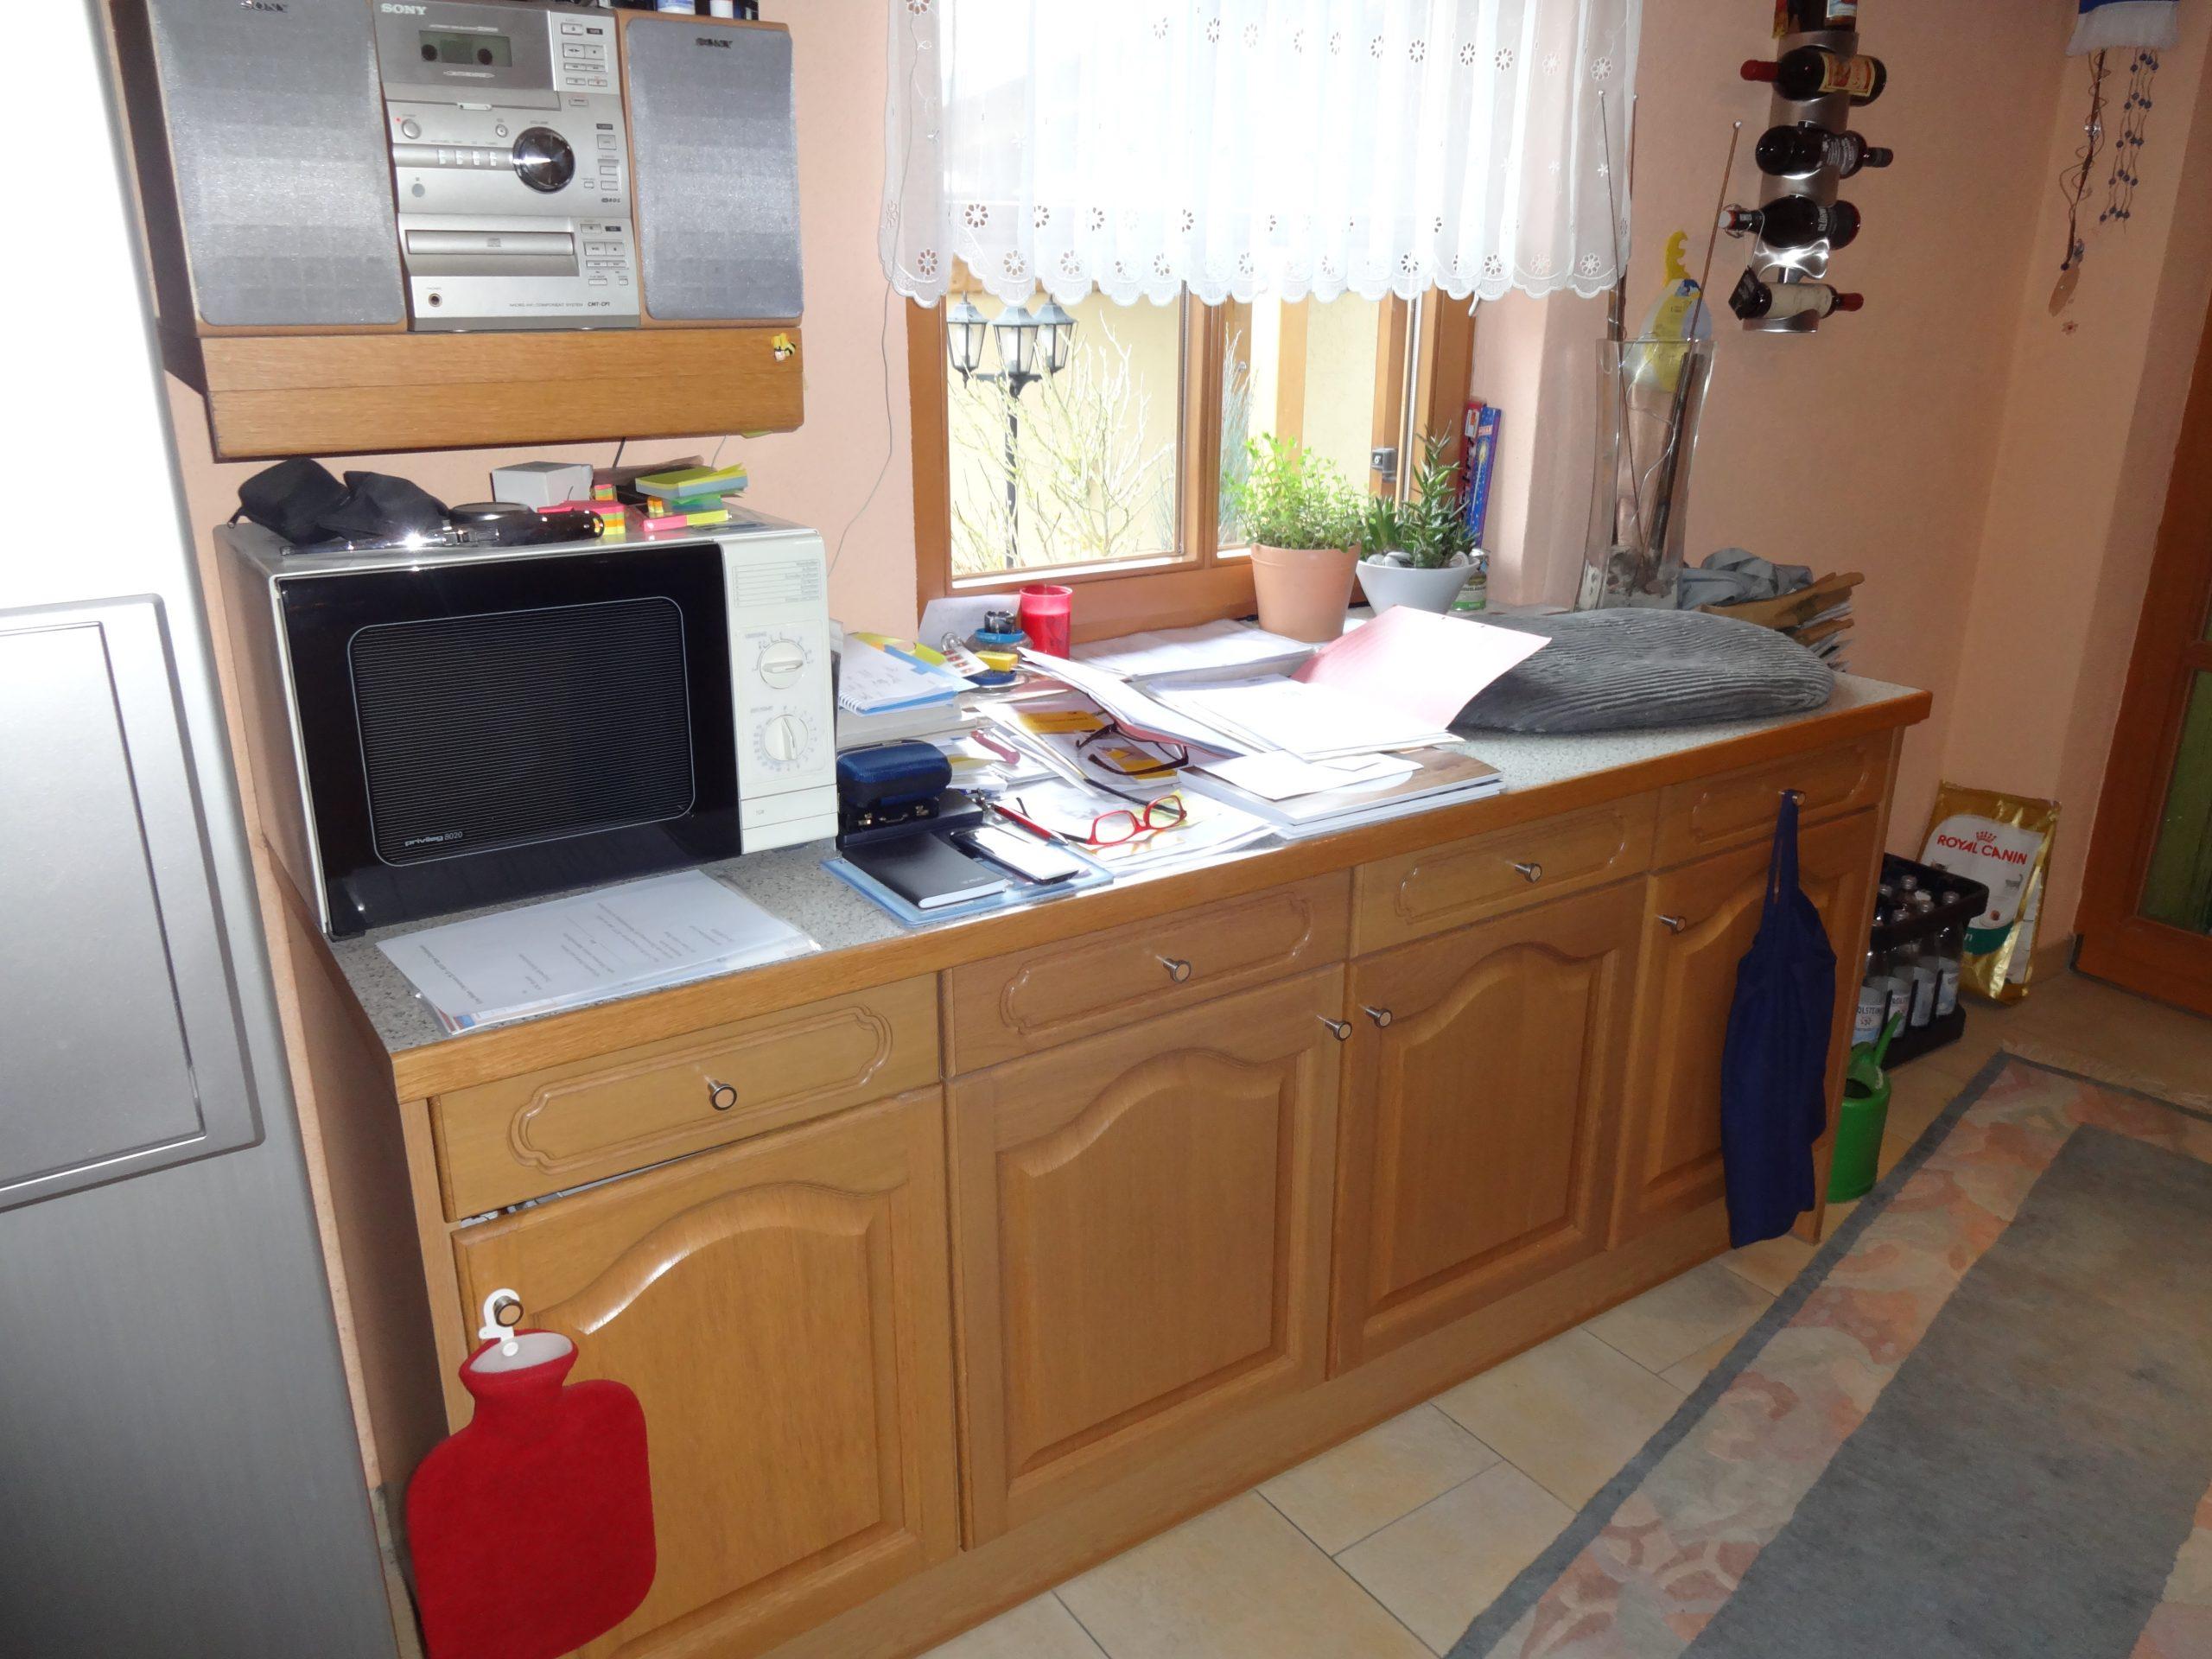 Full Size of Abschreibung Gebrauchte Küche Kaufvertrag Gebrauchte Küche übernehmen Gebrauchte Küche Bochum Was Darf Eine Gebrauchte Küche Kosten Küche Gebrauchte Küche